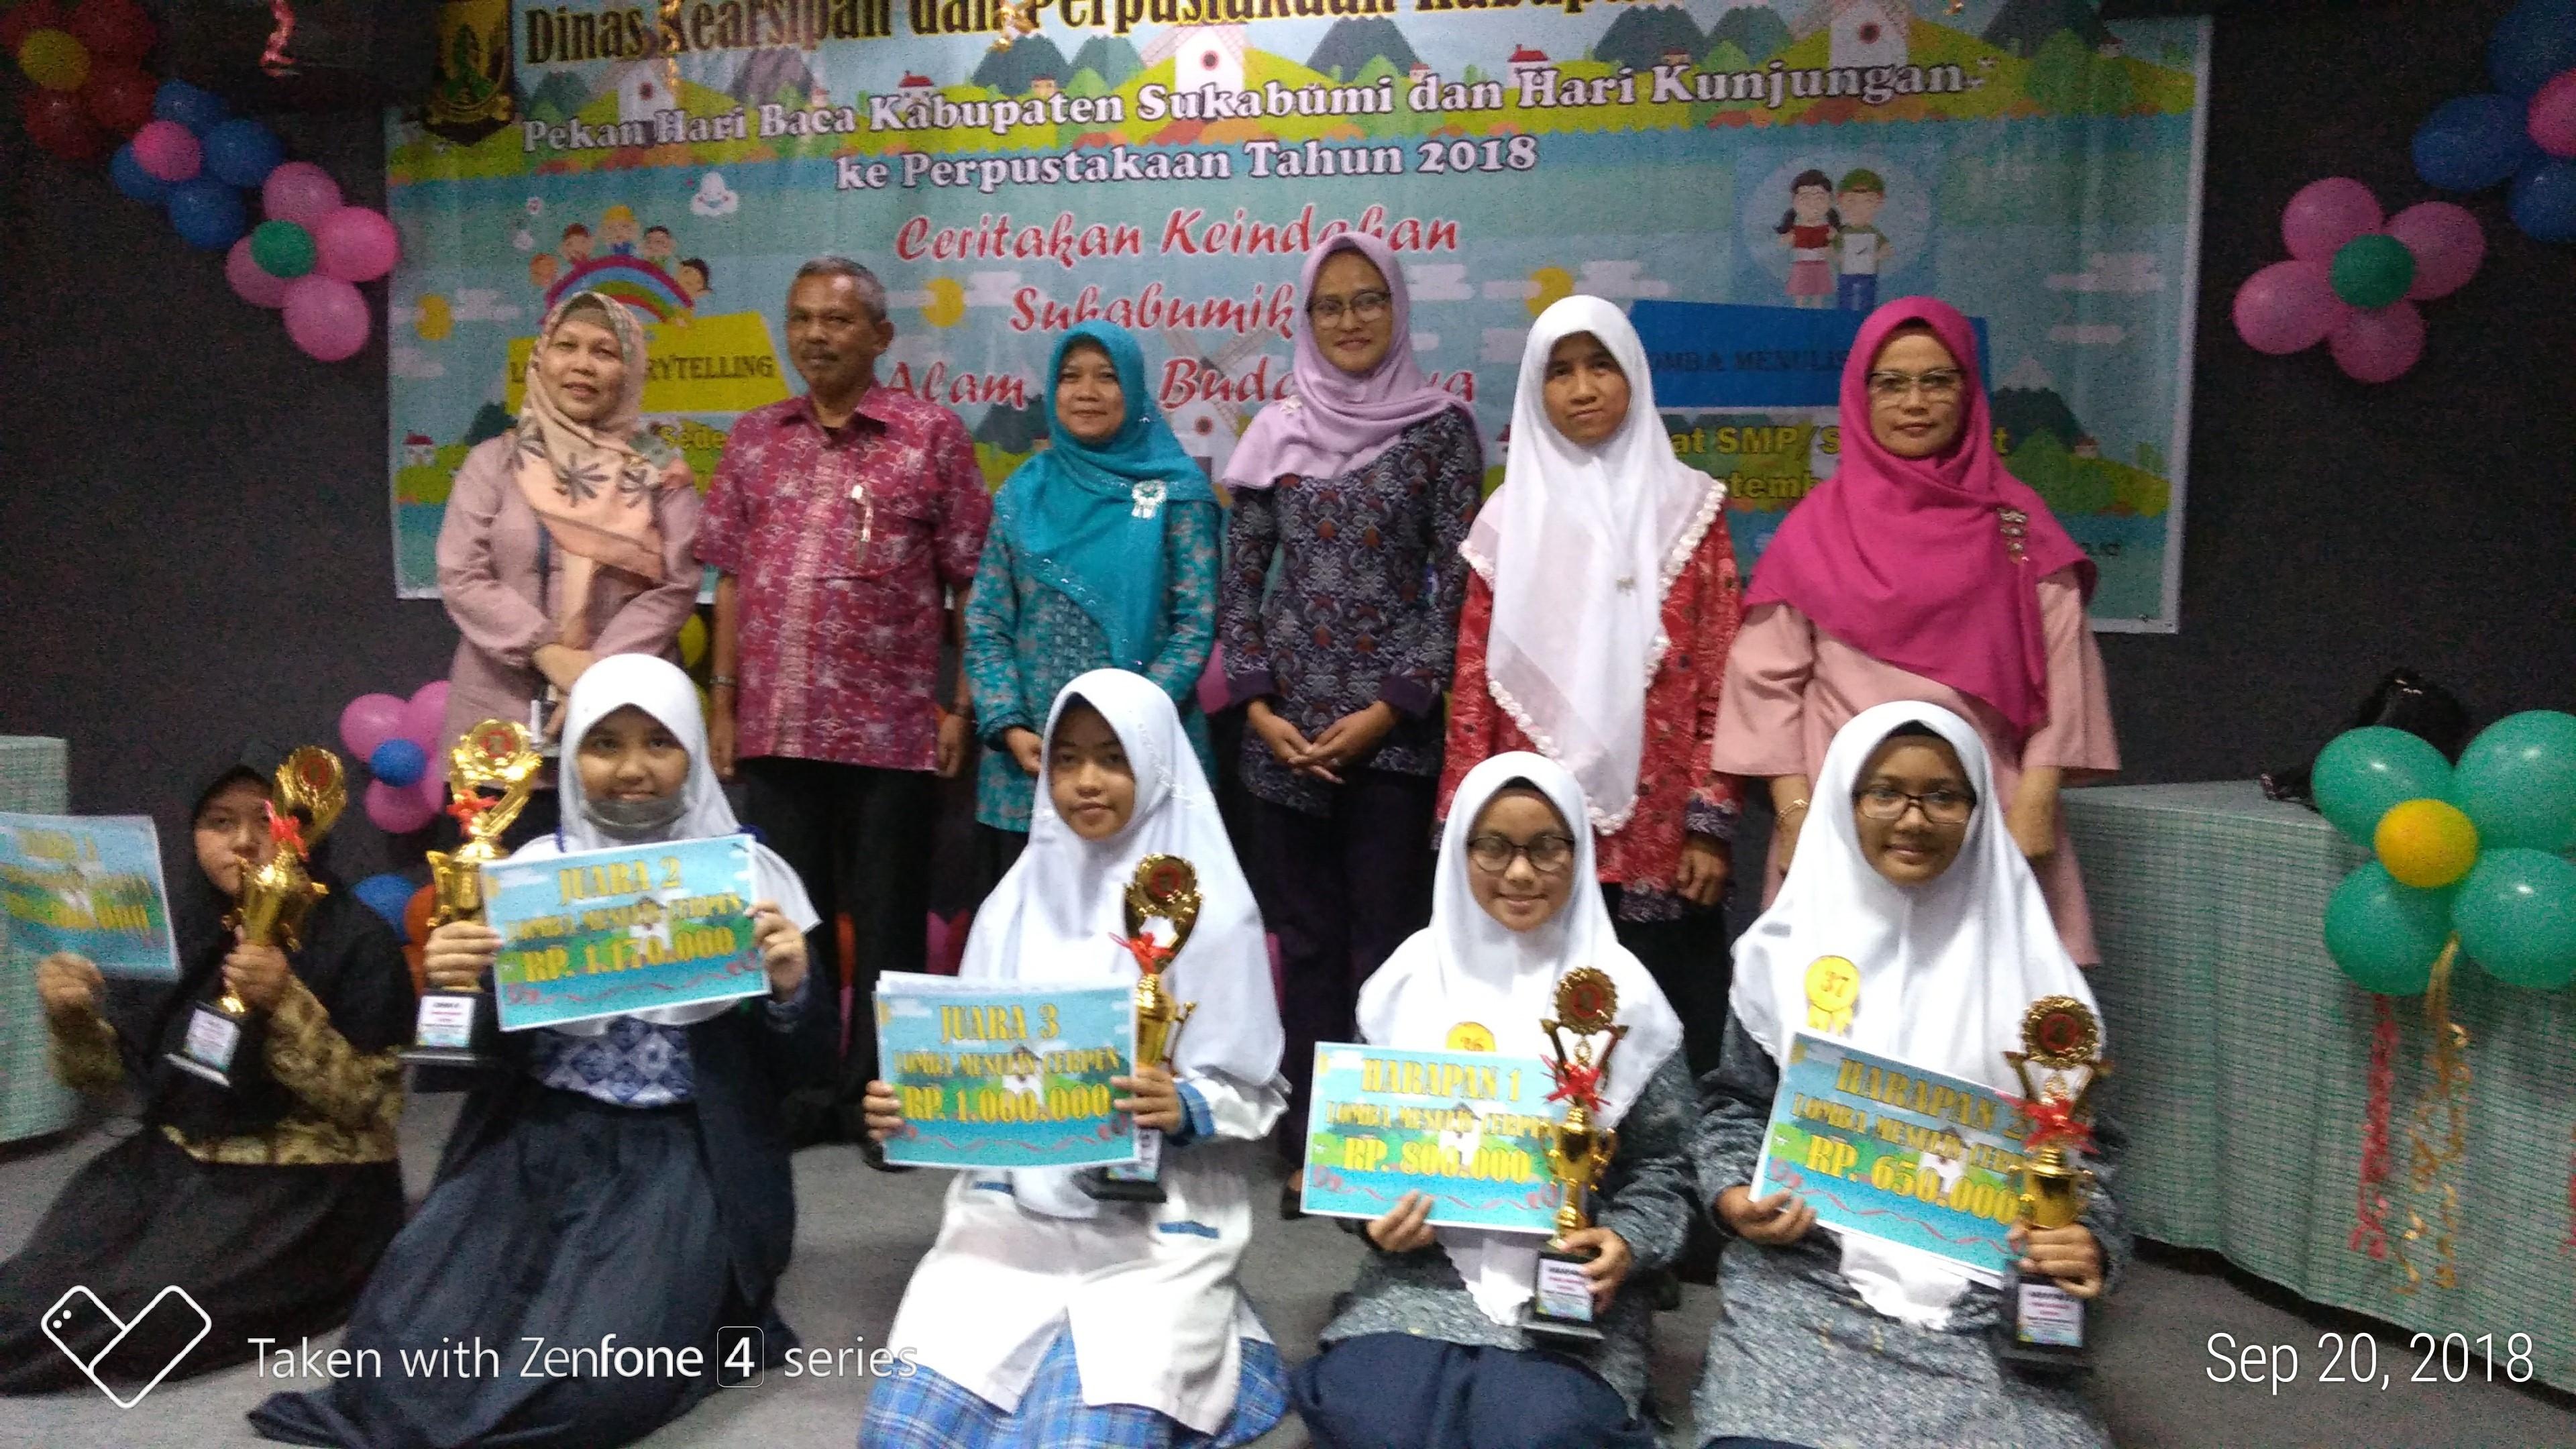 Al Kausar Boarding School Juarai Lomba Dinas Kearsipan dan Perpustakaan Kabupaten Sukabumi dalam rangka peringatan hari baca dan hari kunjung perpustakaan.